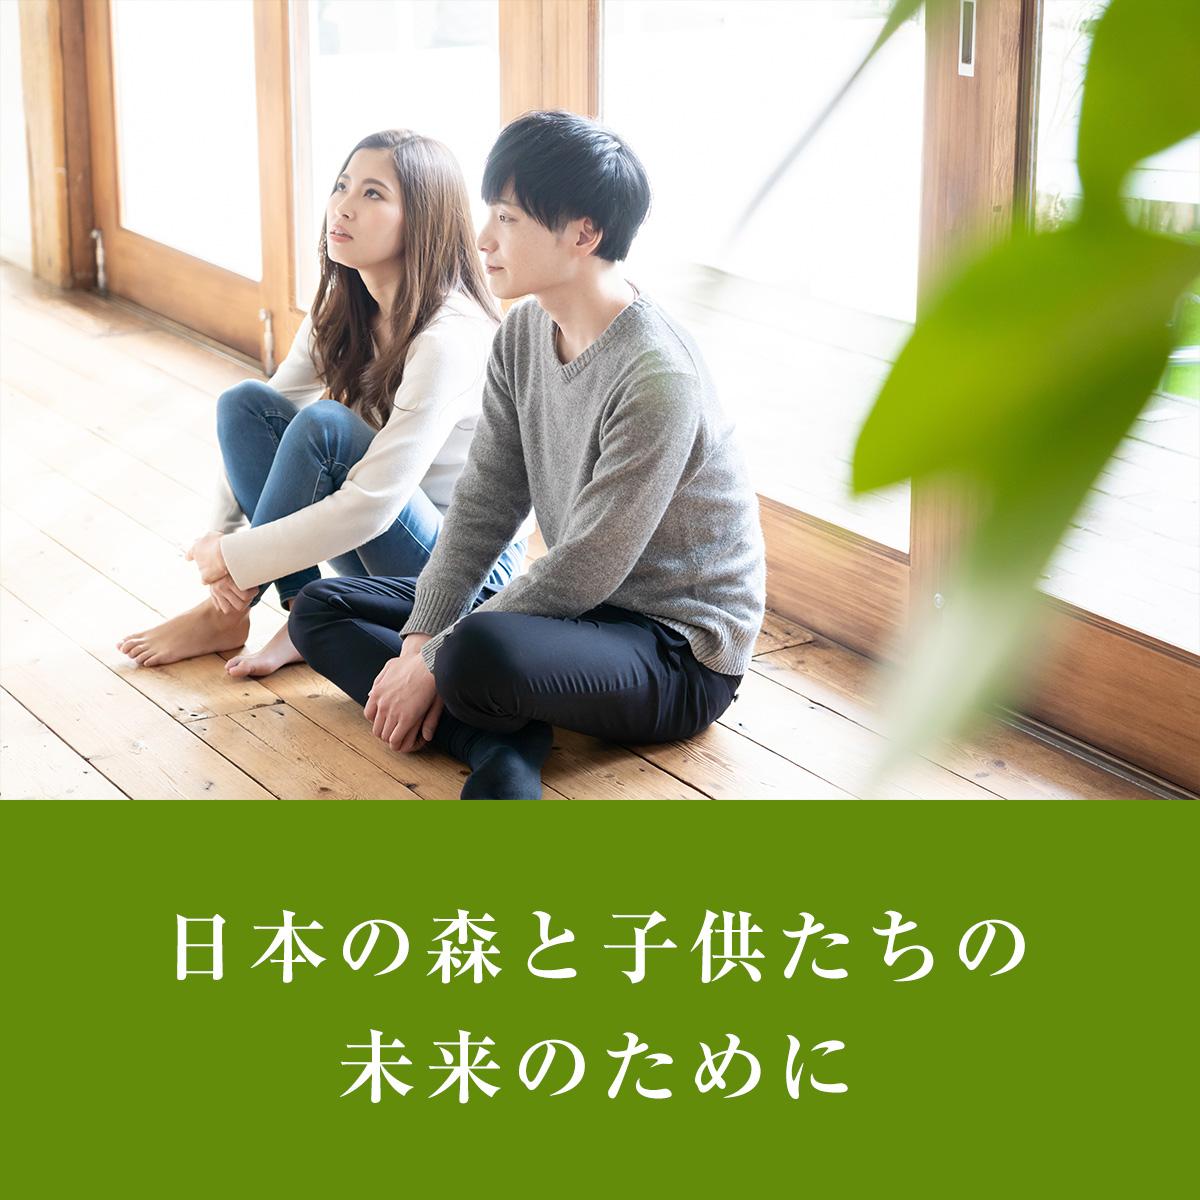 日本の森と子供たちの未来のために